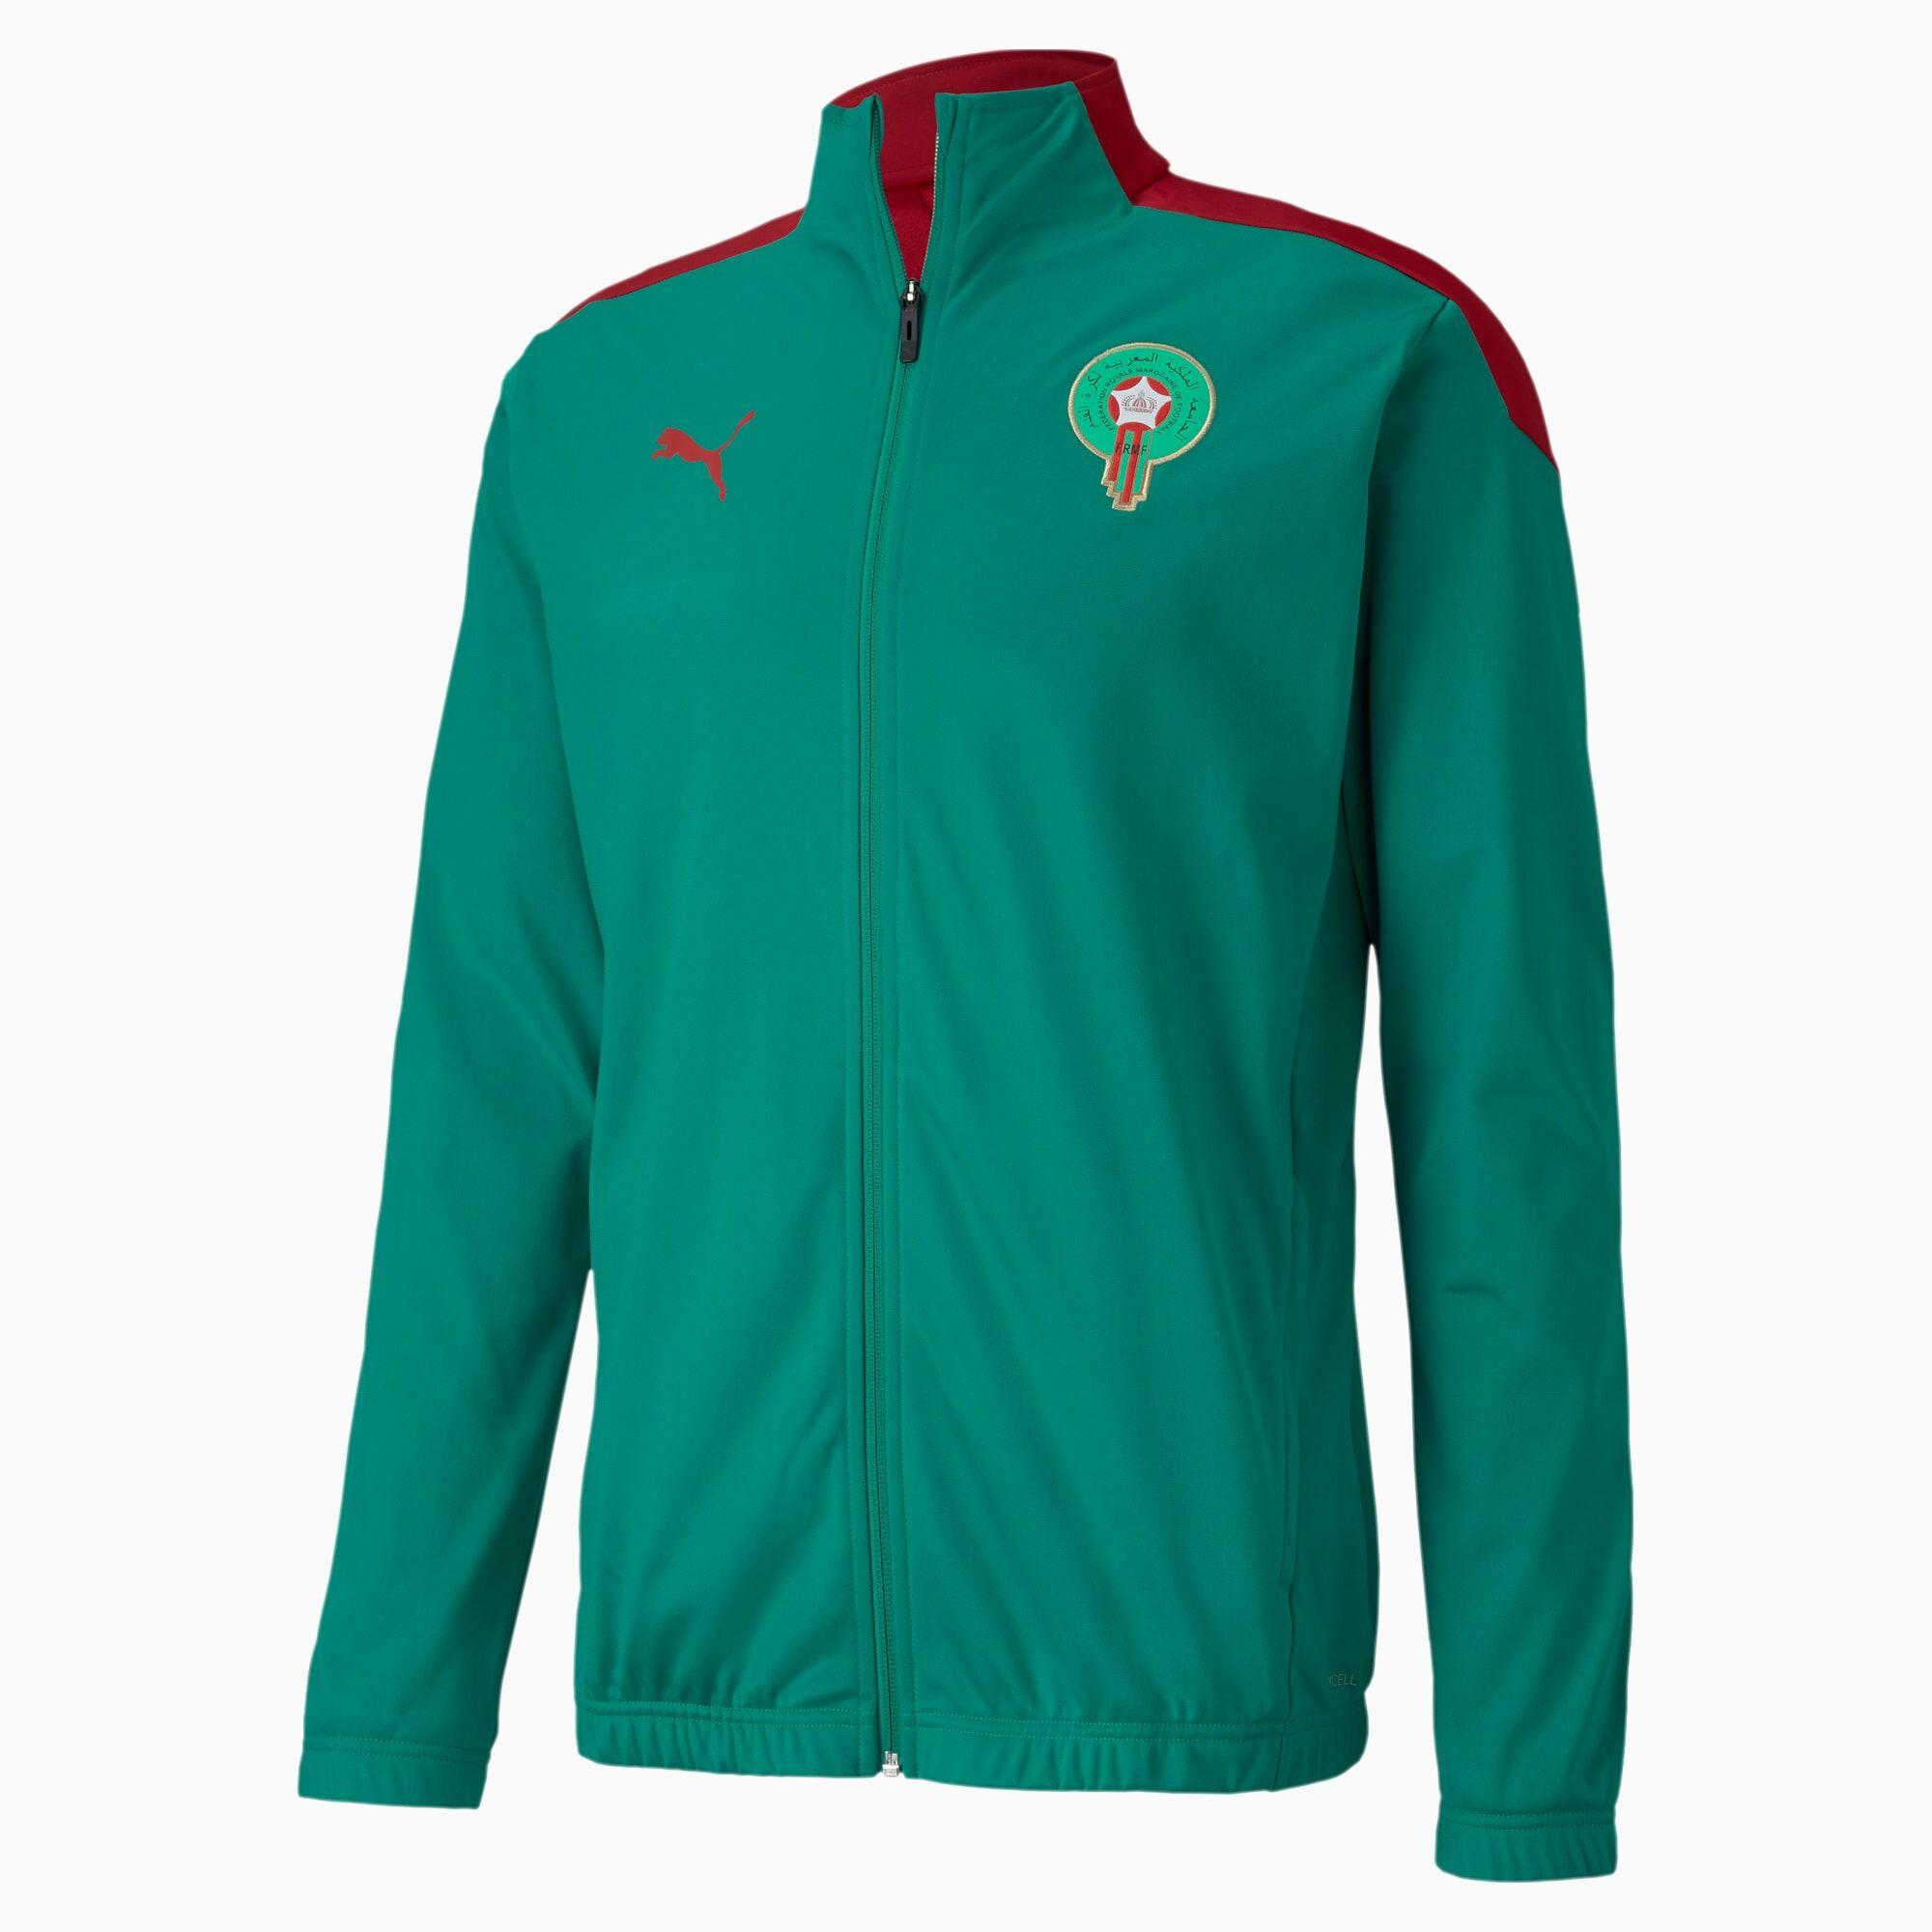 PUMA Blouson Maroc Stadium pour Homme, Vert/Rouge, Taille M, Vêtements